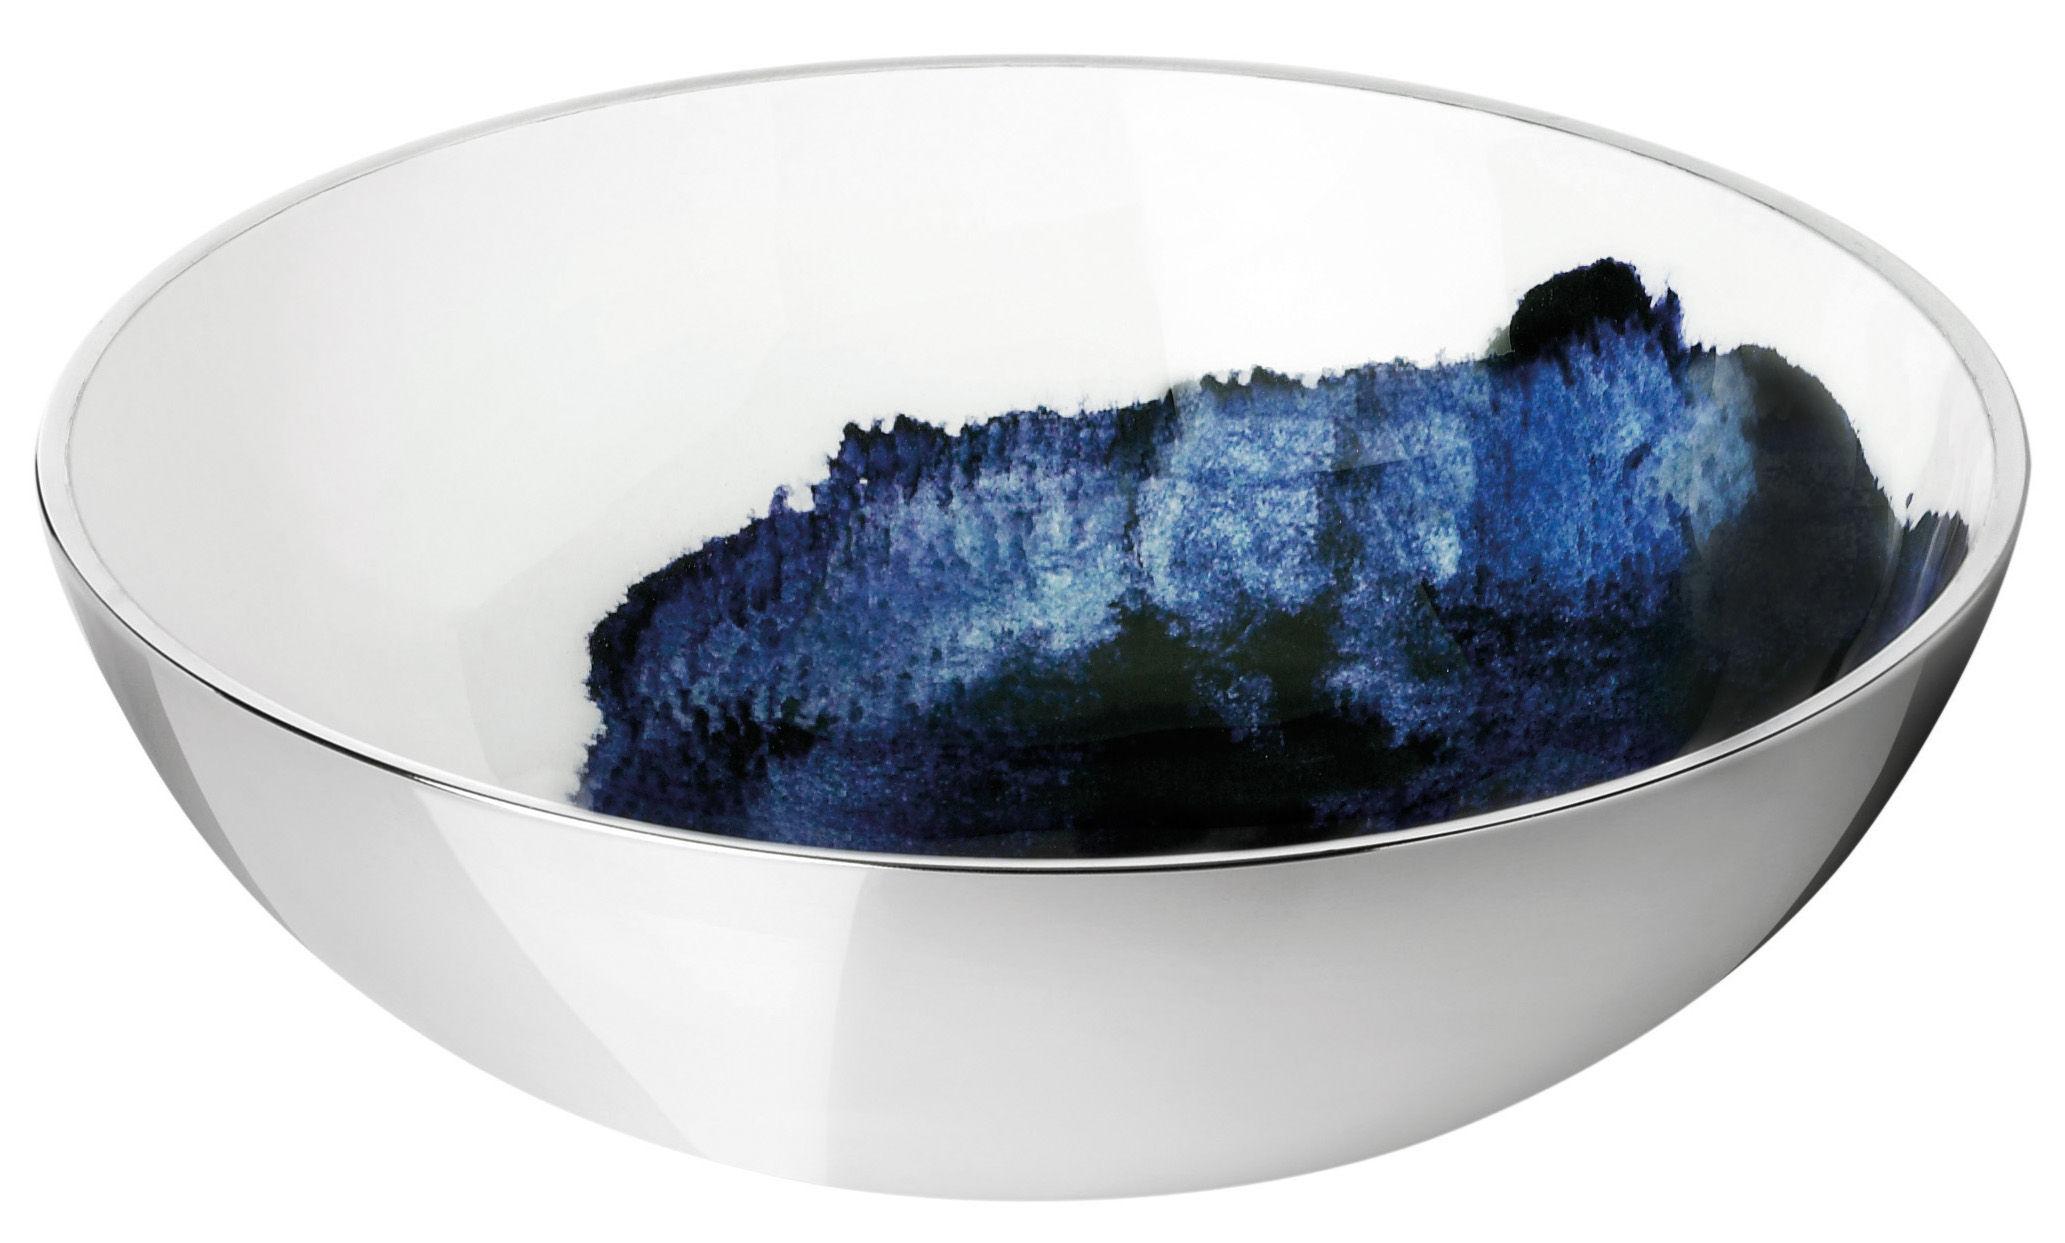 Arts de la table - Saladiers, coupes et bols - Bol Stockholm Aquatic / Ø 20 x H 7 cm - Stelton - Extérieur métal / Intérieur blanc & bleu - Aluminium, Email